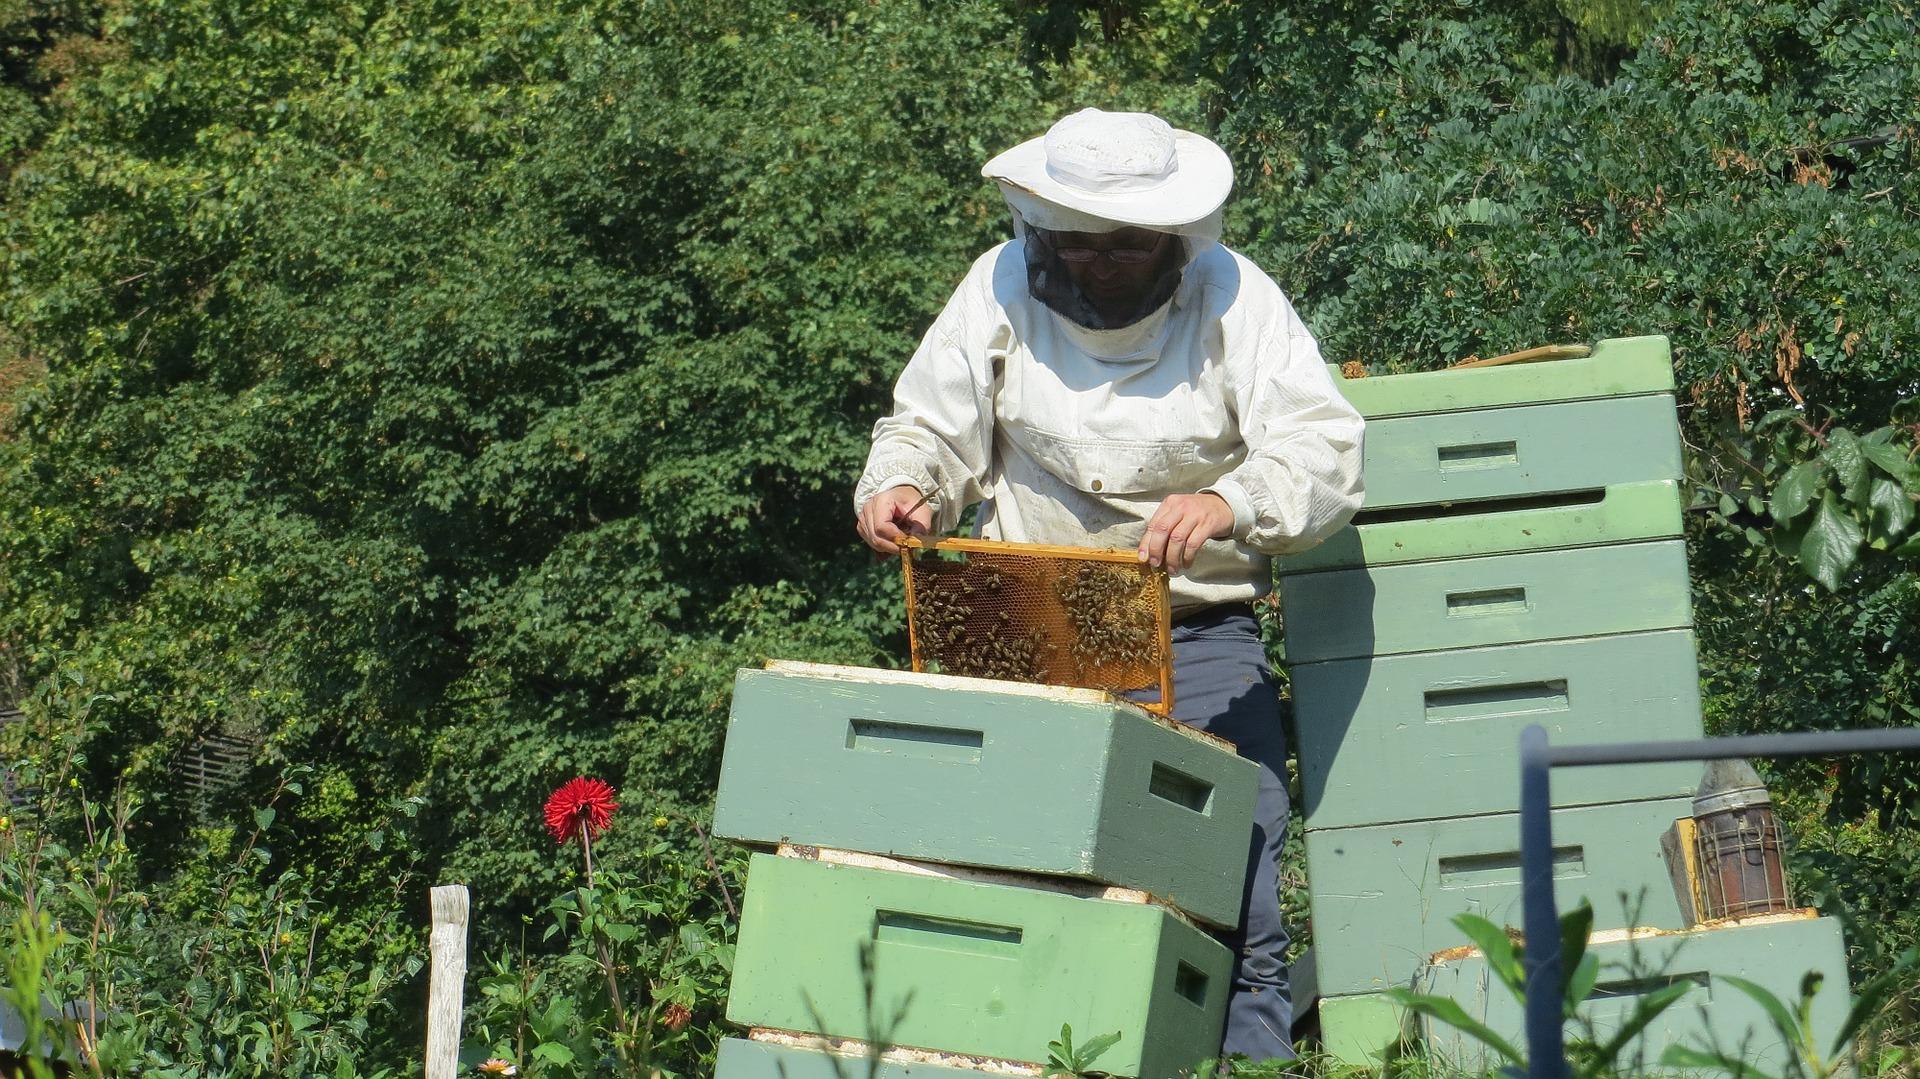 Pčelari za razliku od malinara imaju bolju saradnju sa državom